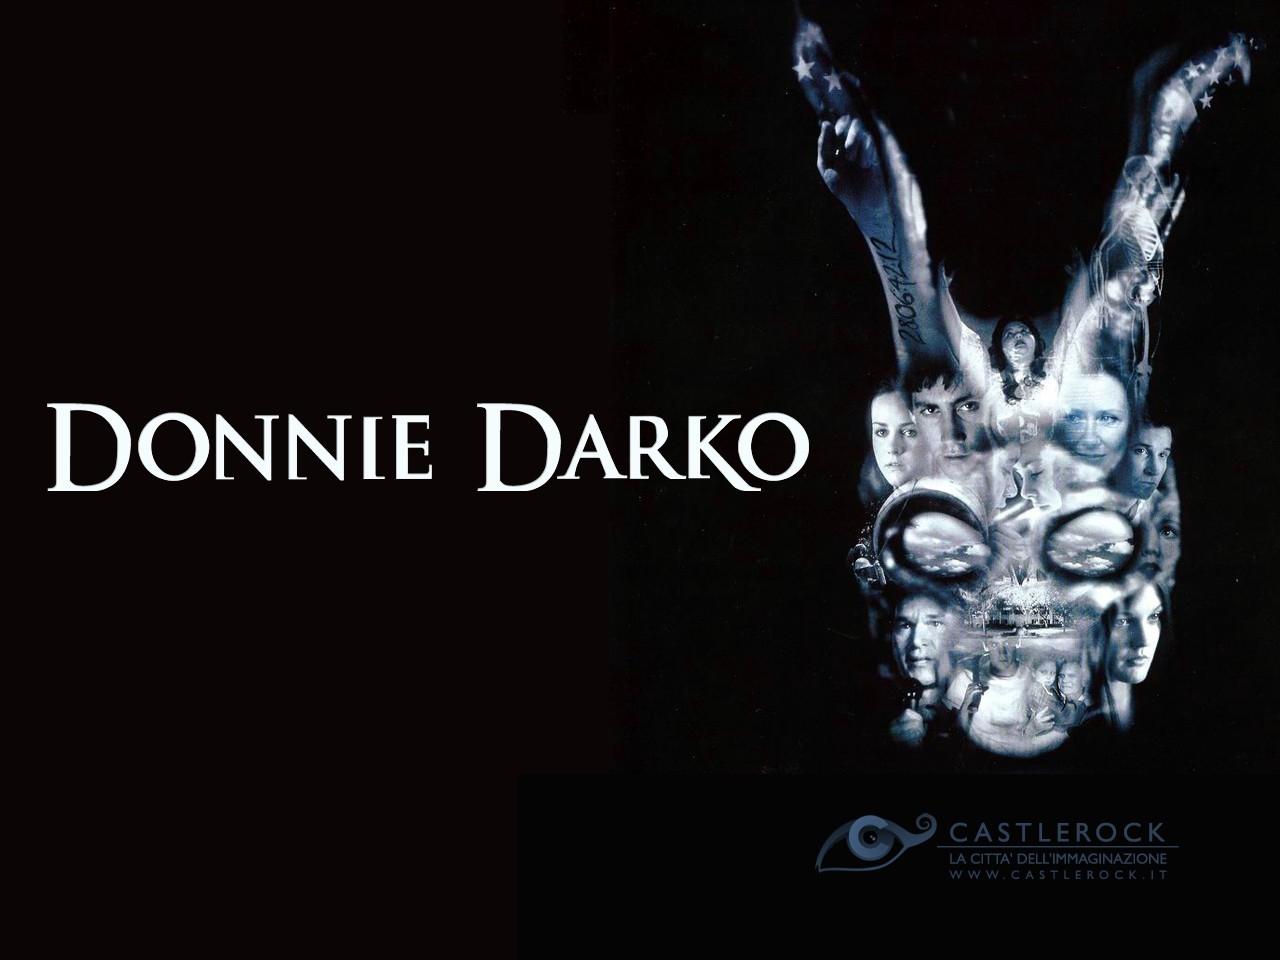 Wallpaper del film Donnie Darko